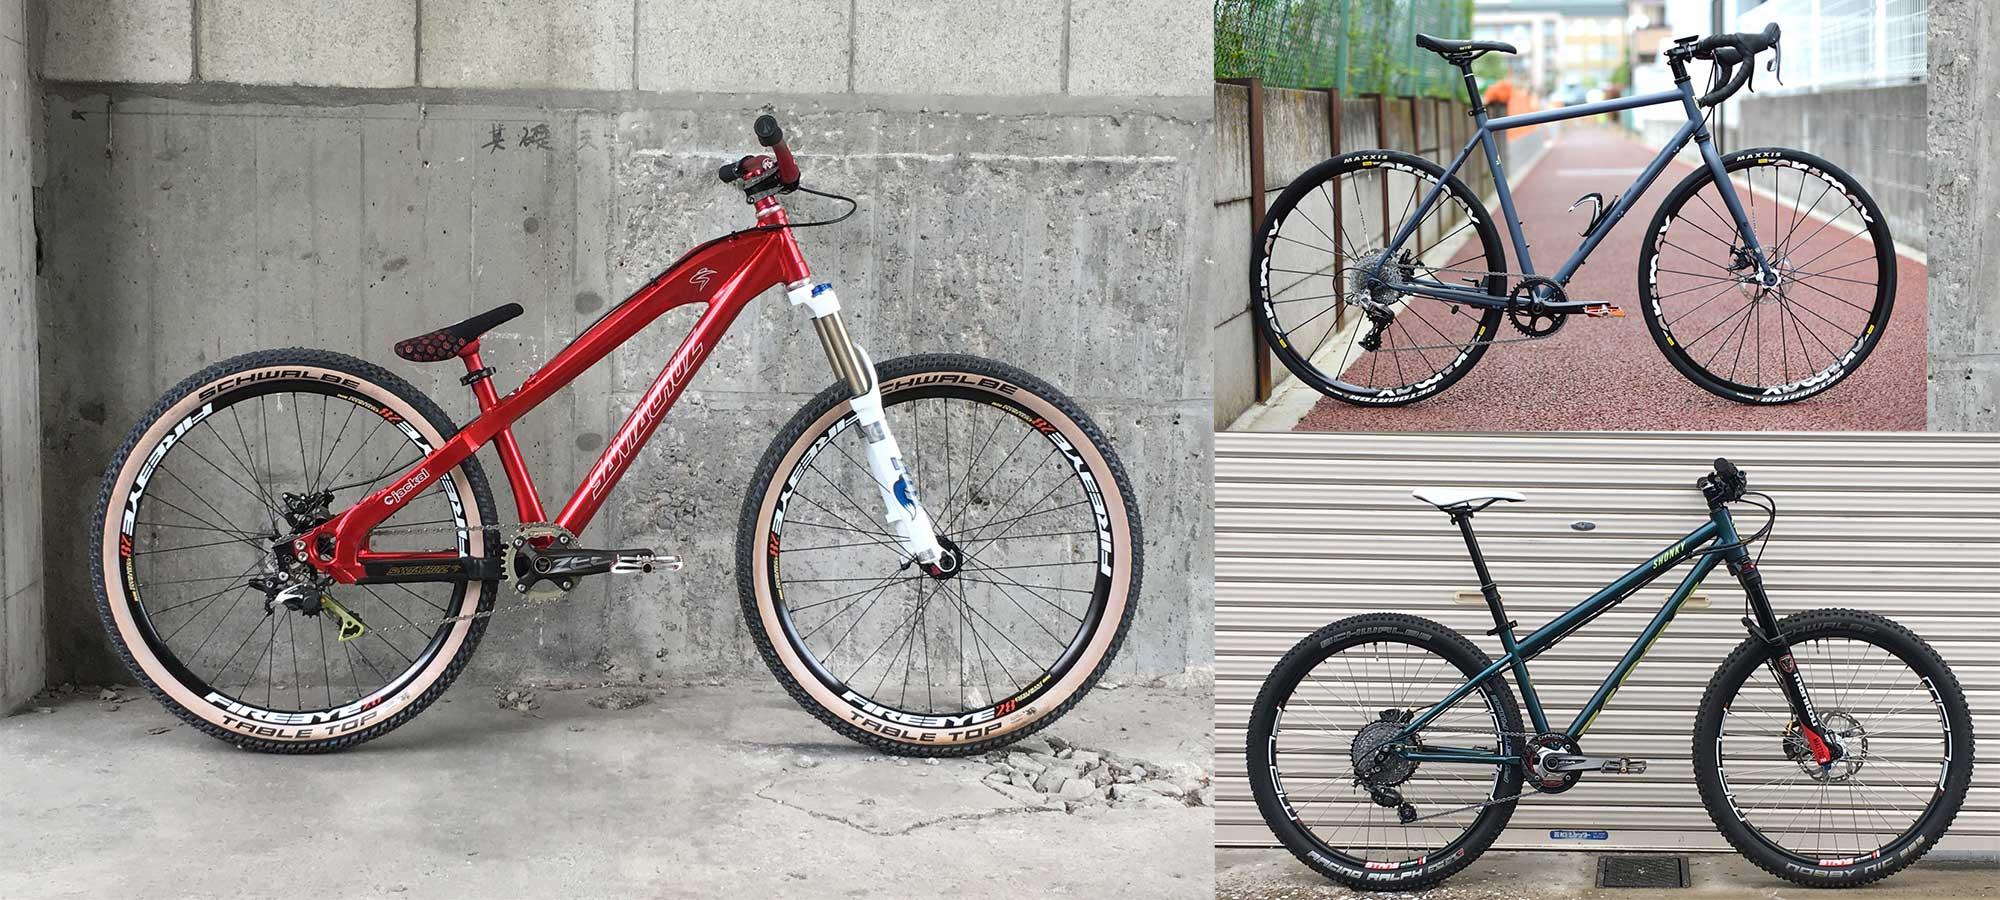 名古屋市中区のMTBサイクルショップ「プライドワン」